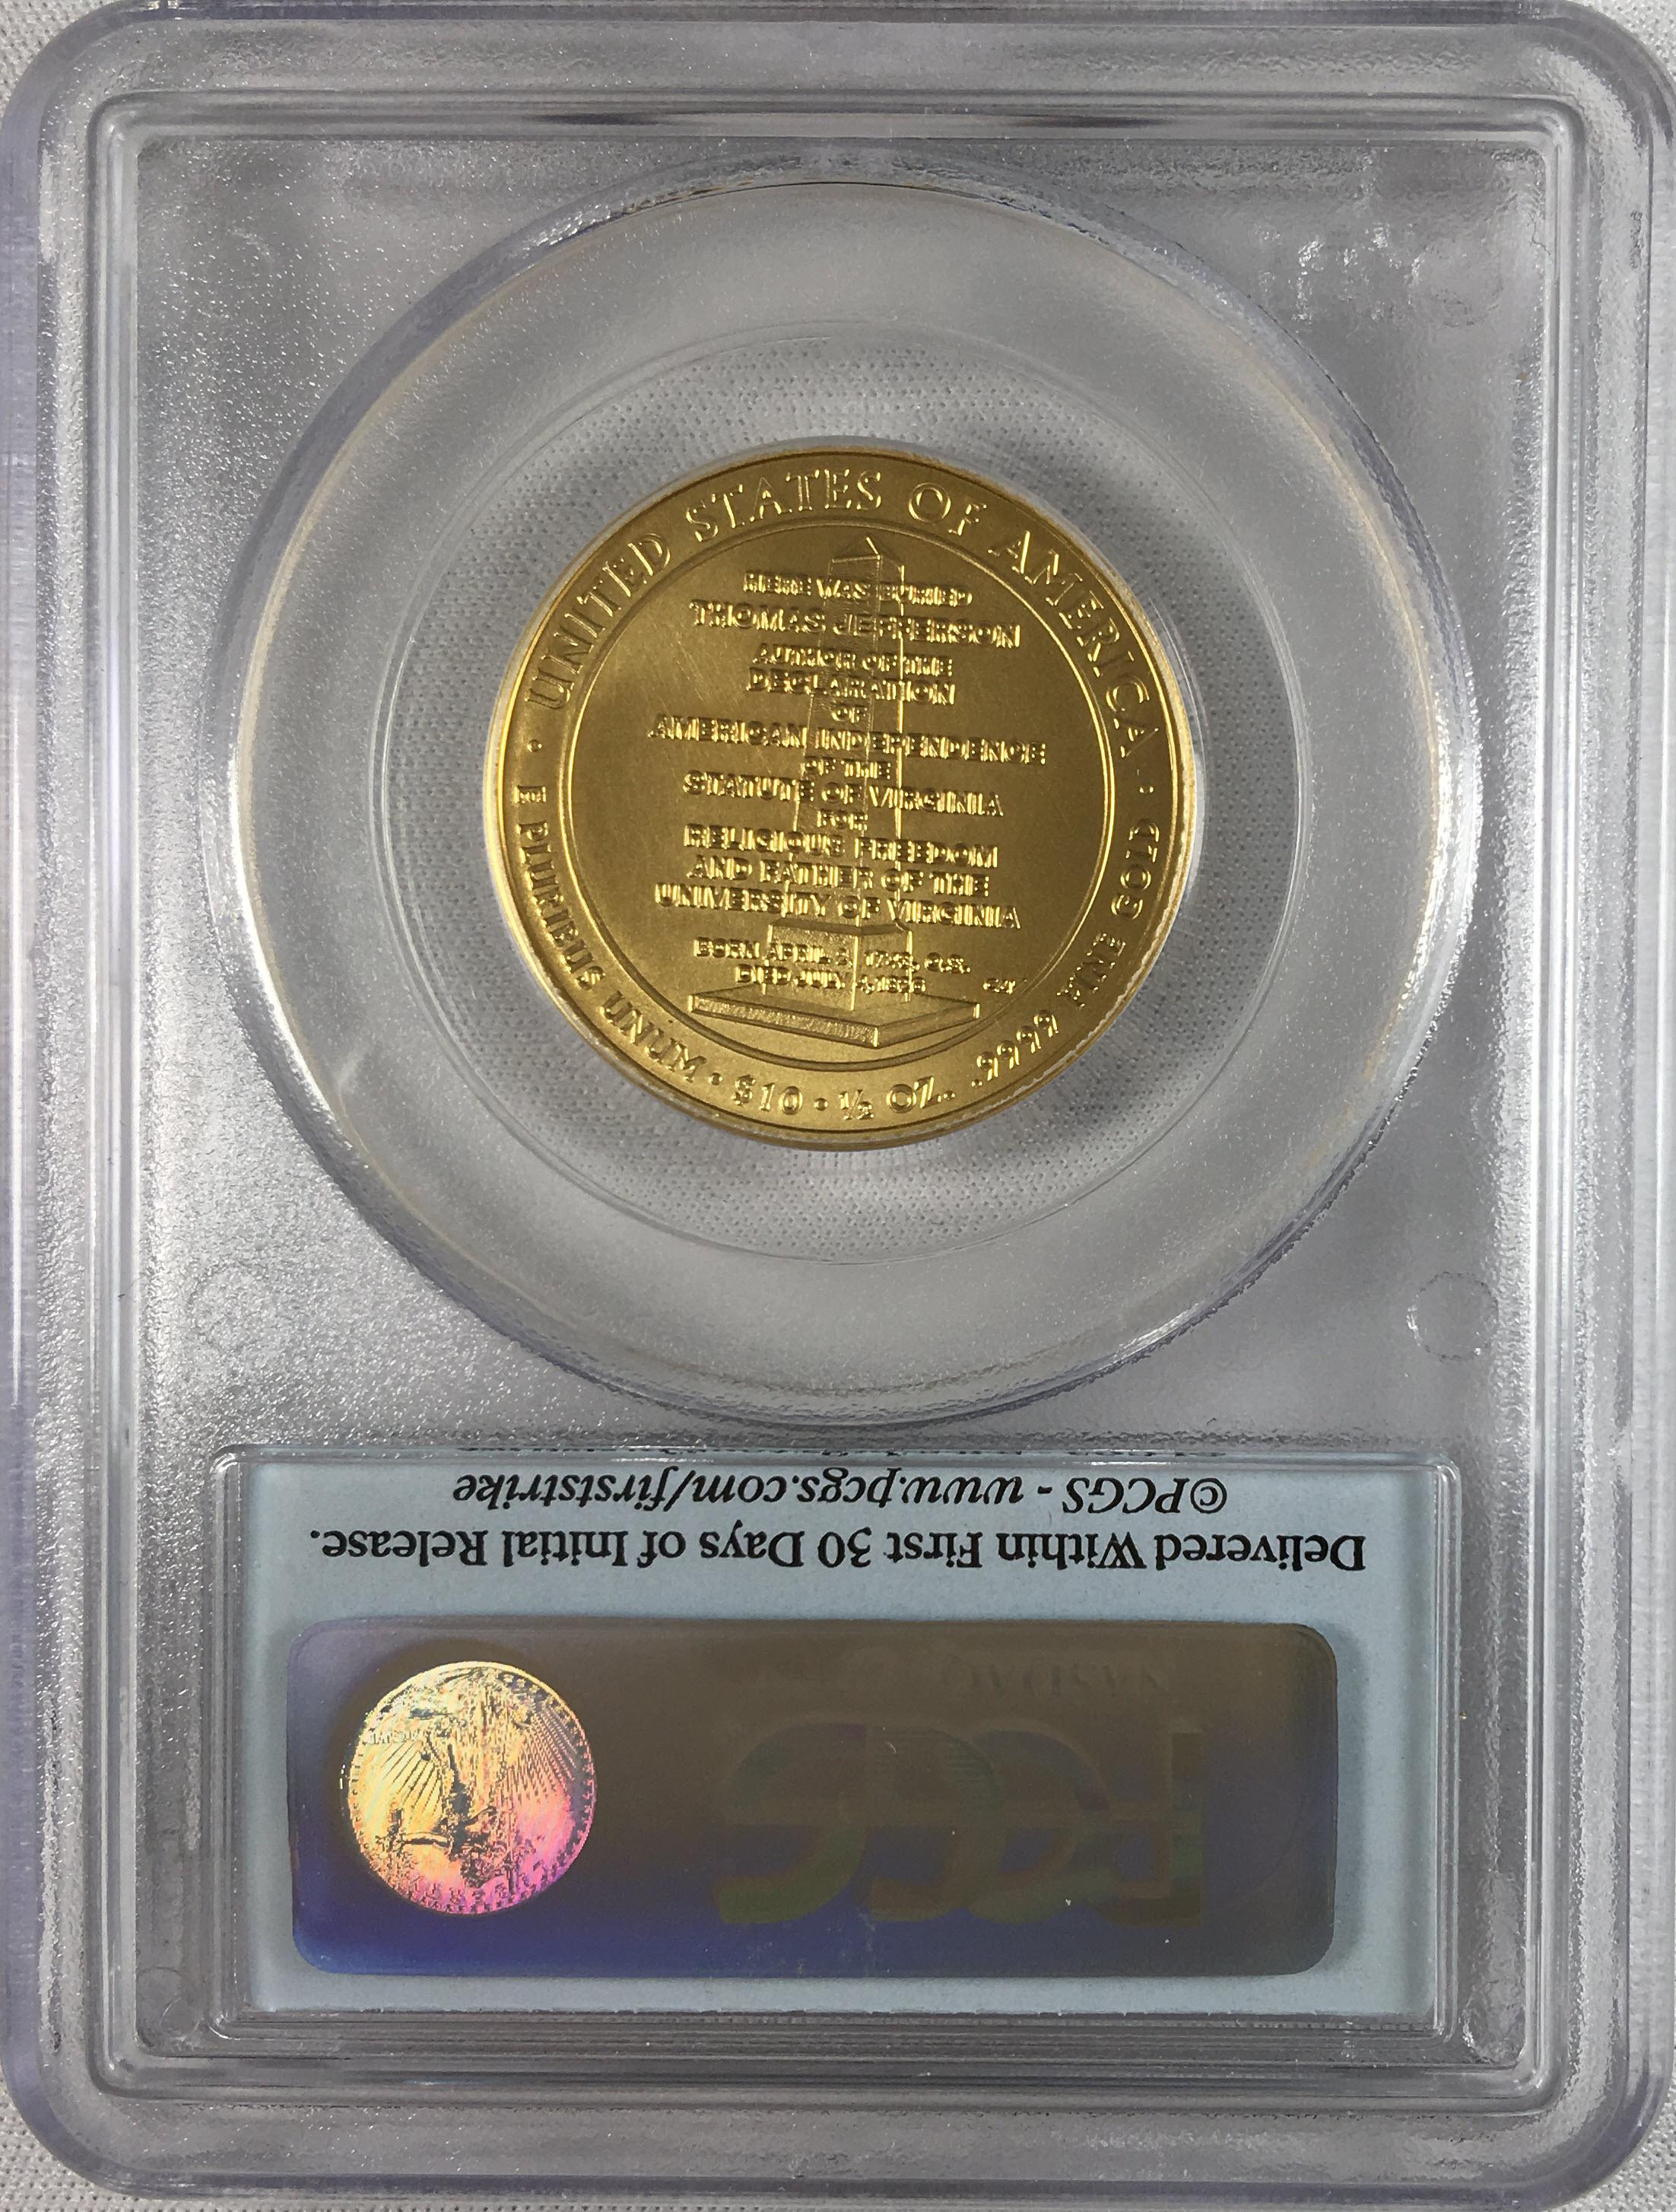 【動画あり】2007-W 10ドル金貨 ジェファーソン リバティ $10 PCGS MS70(First Strike)